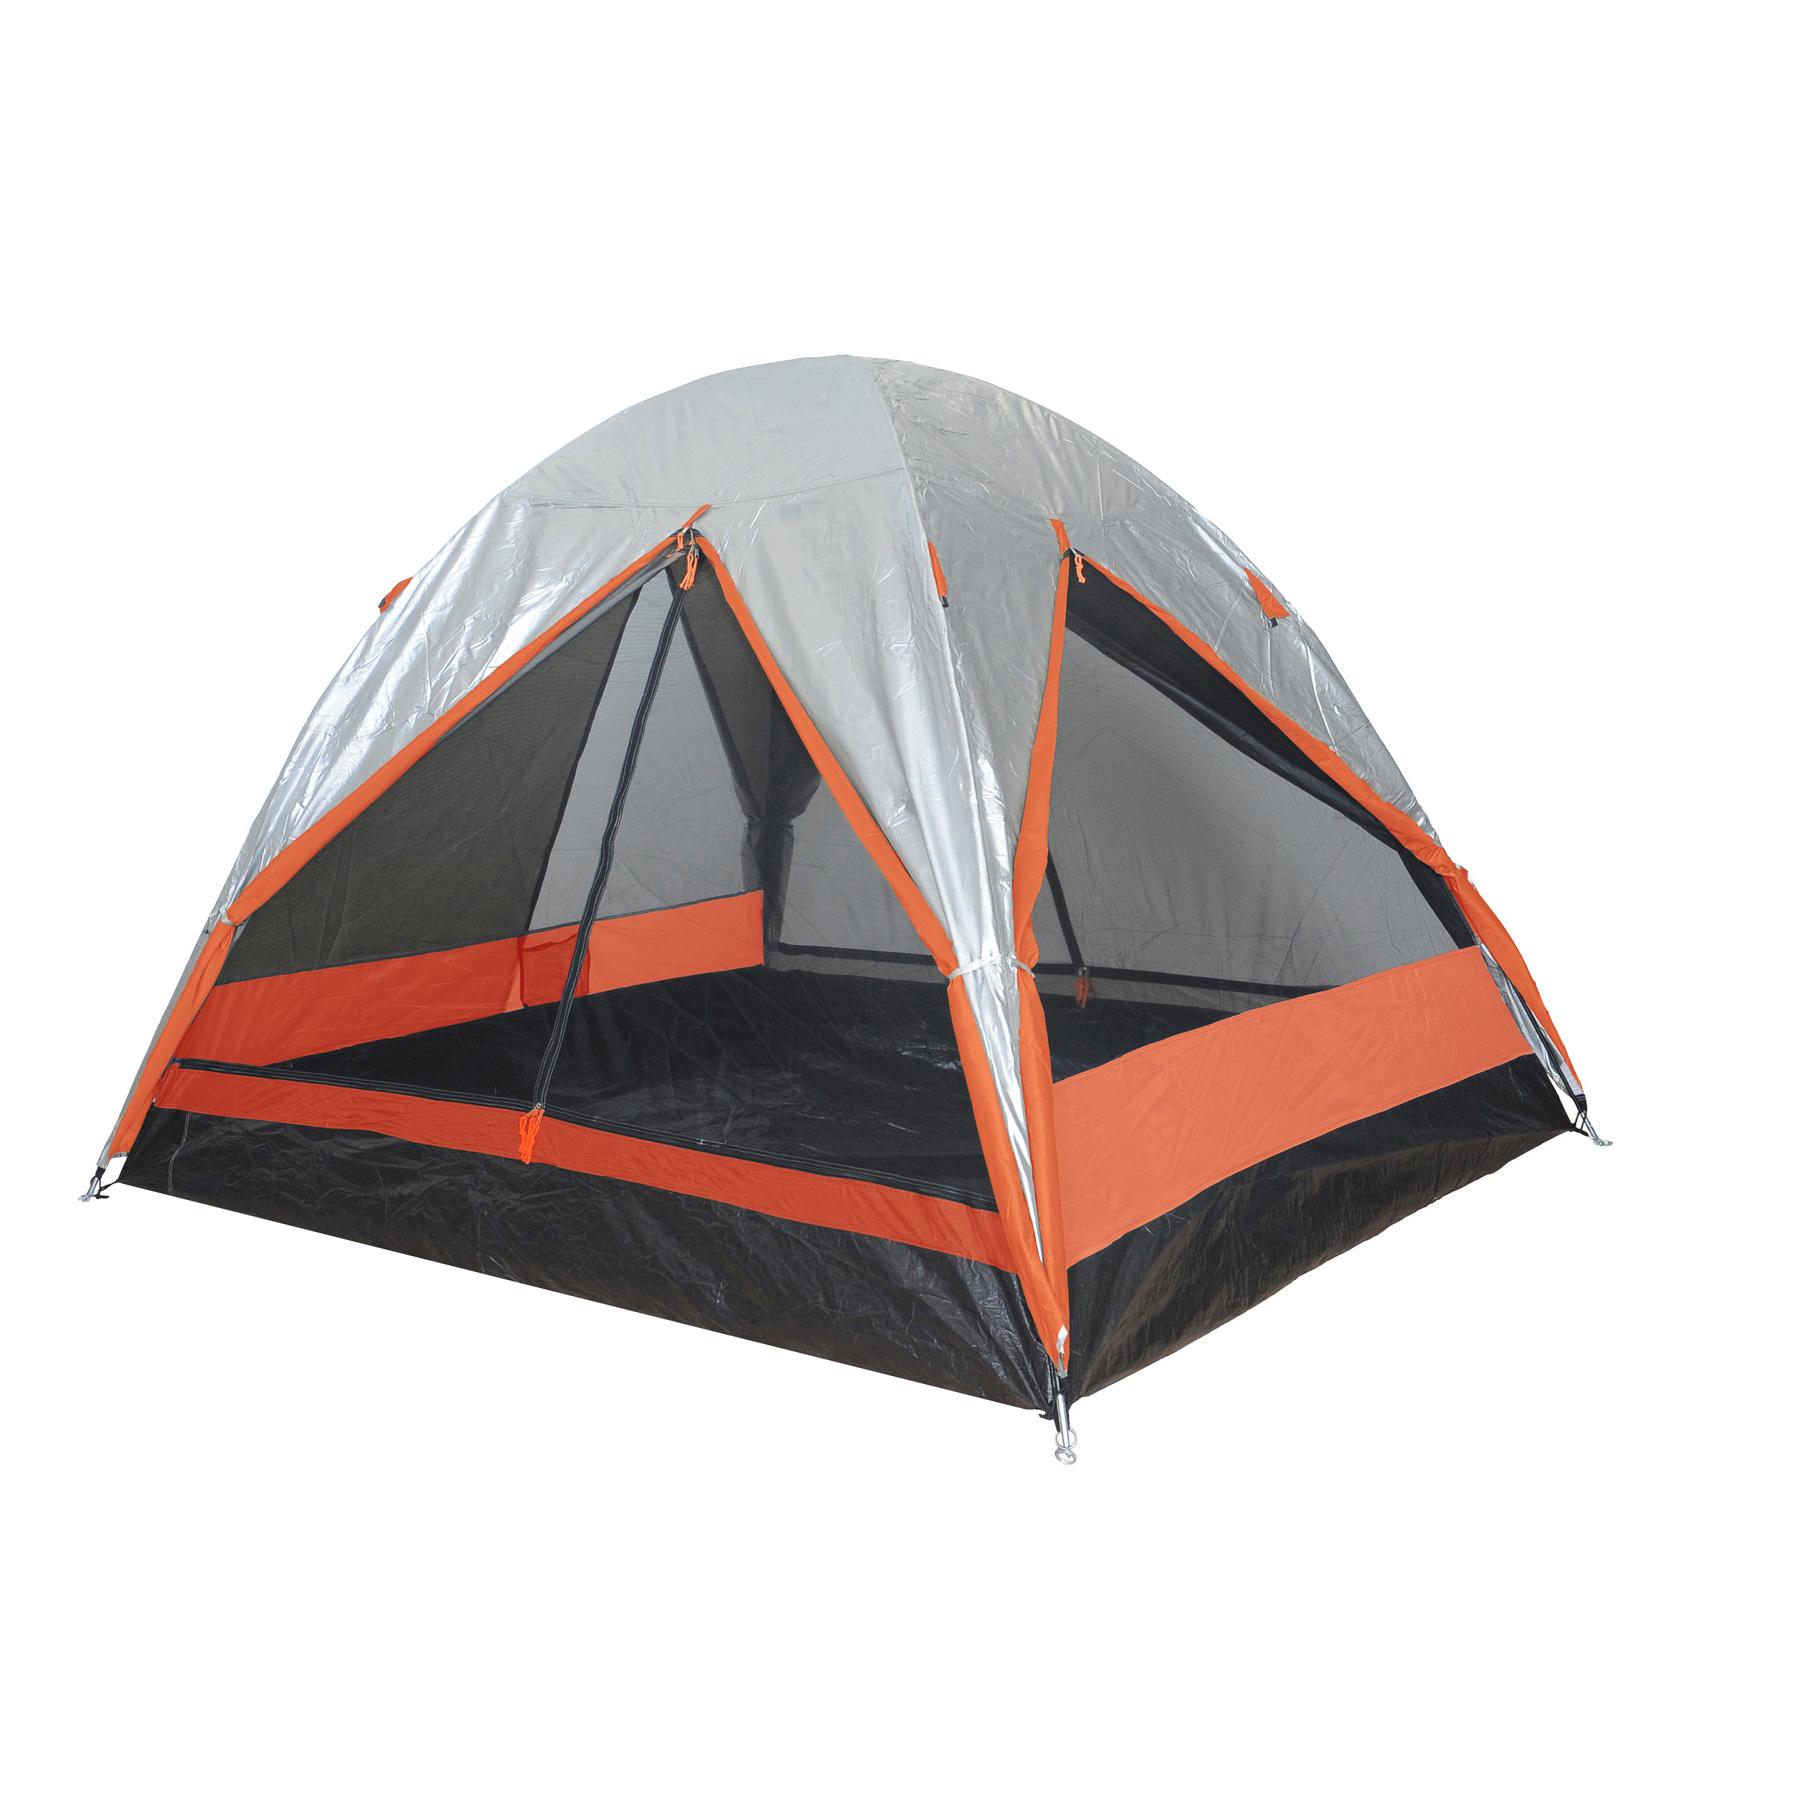 Σκηνή 3 ατόμων Camping Plus By Terra Comet 3 Ασημί/Πορτοκαλί